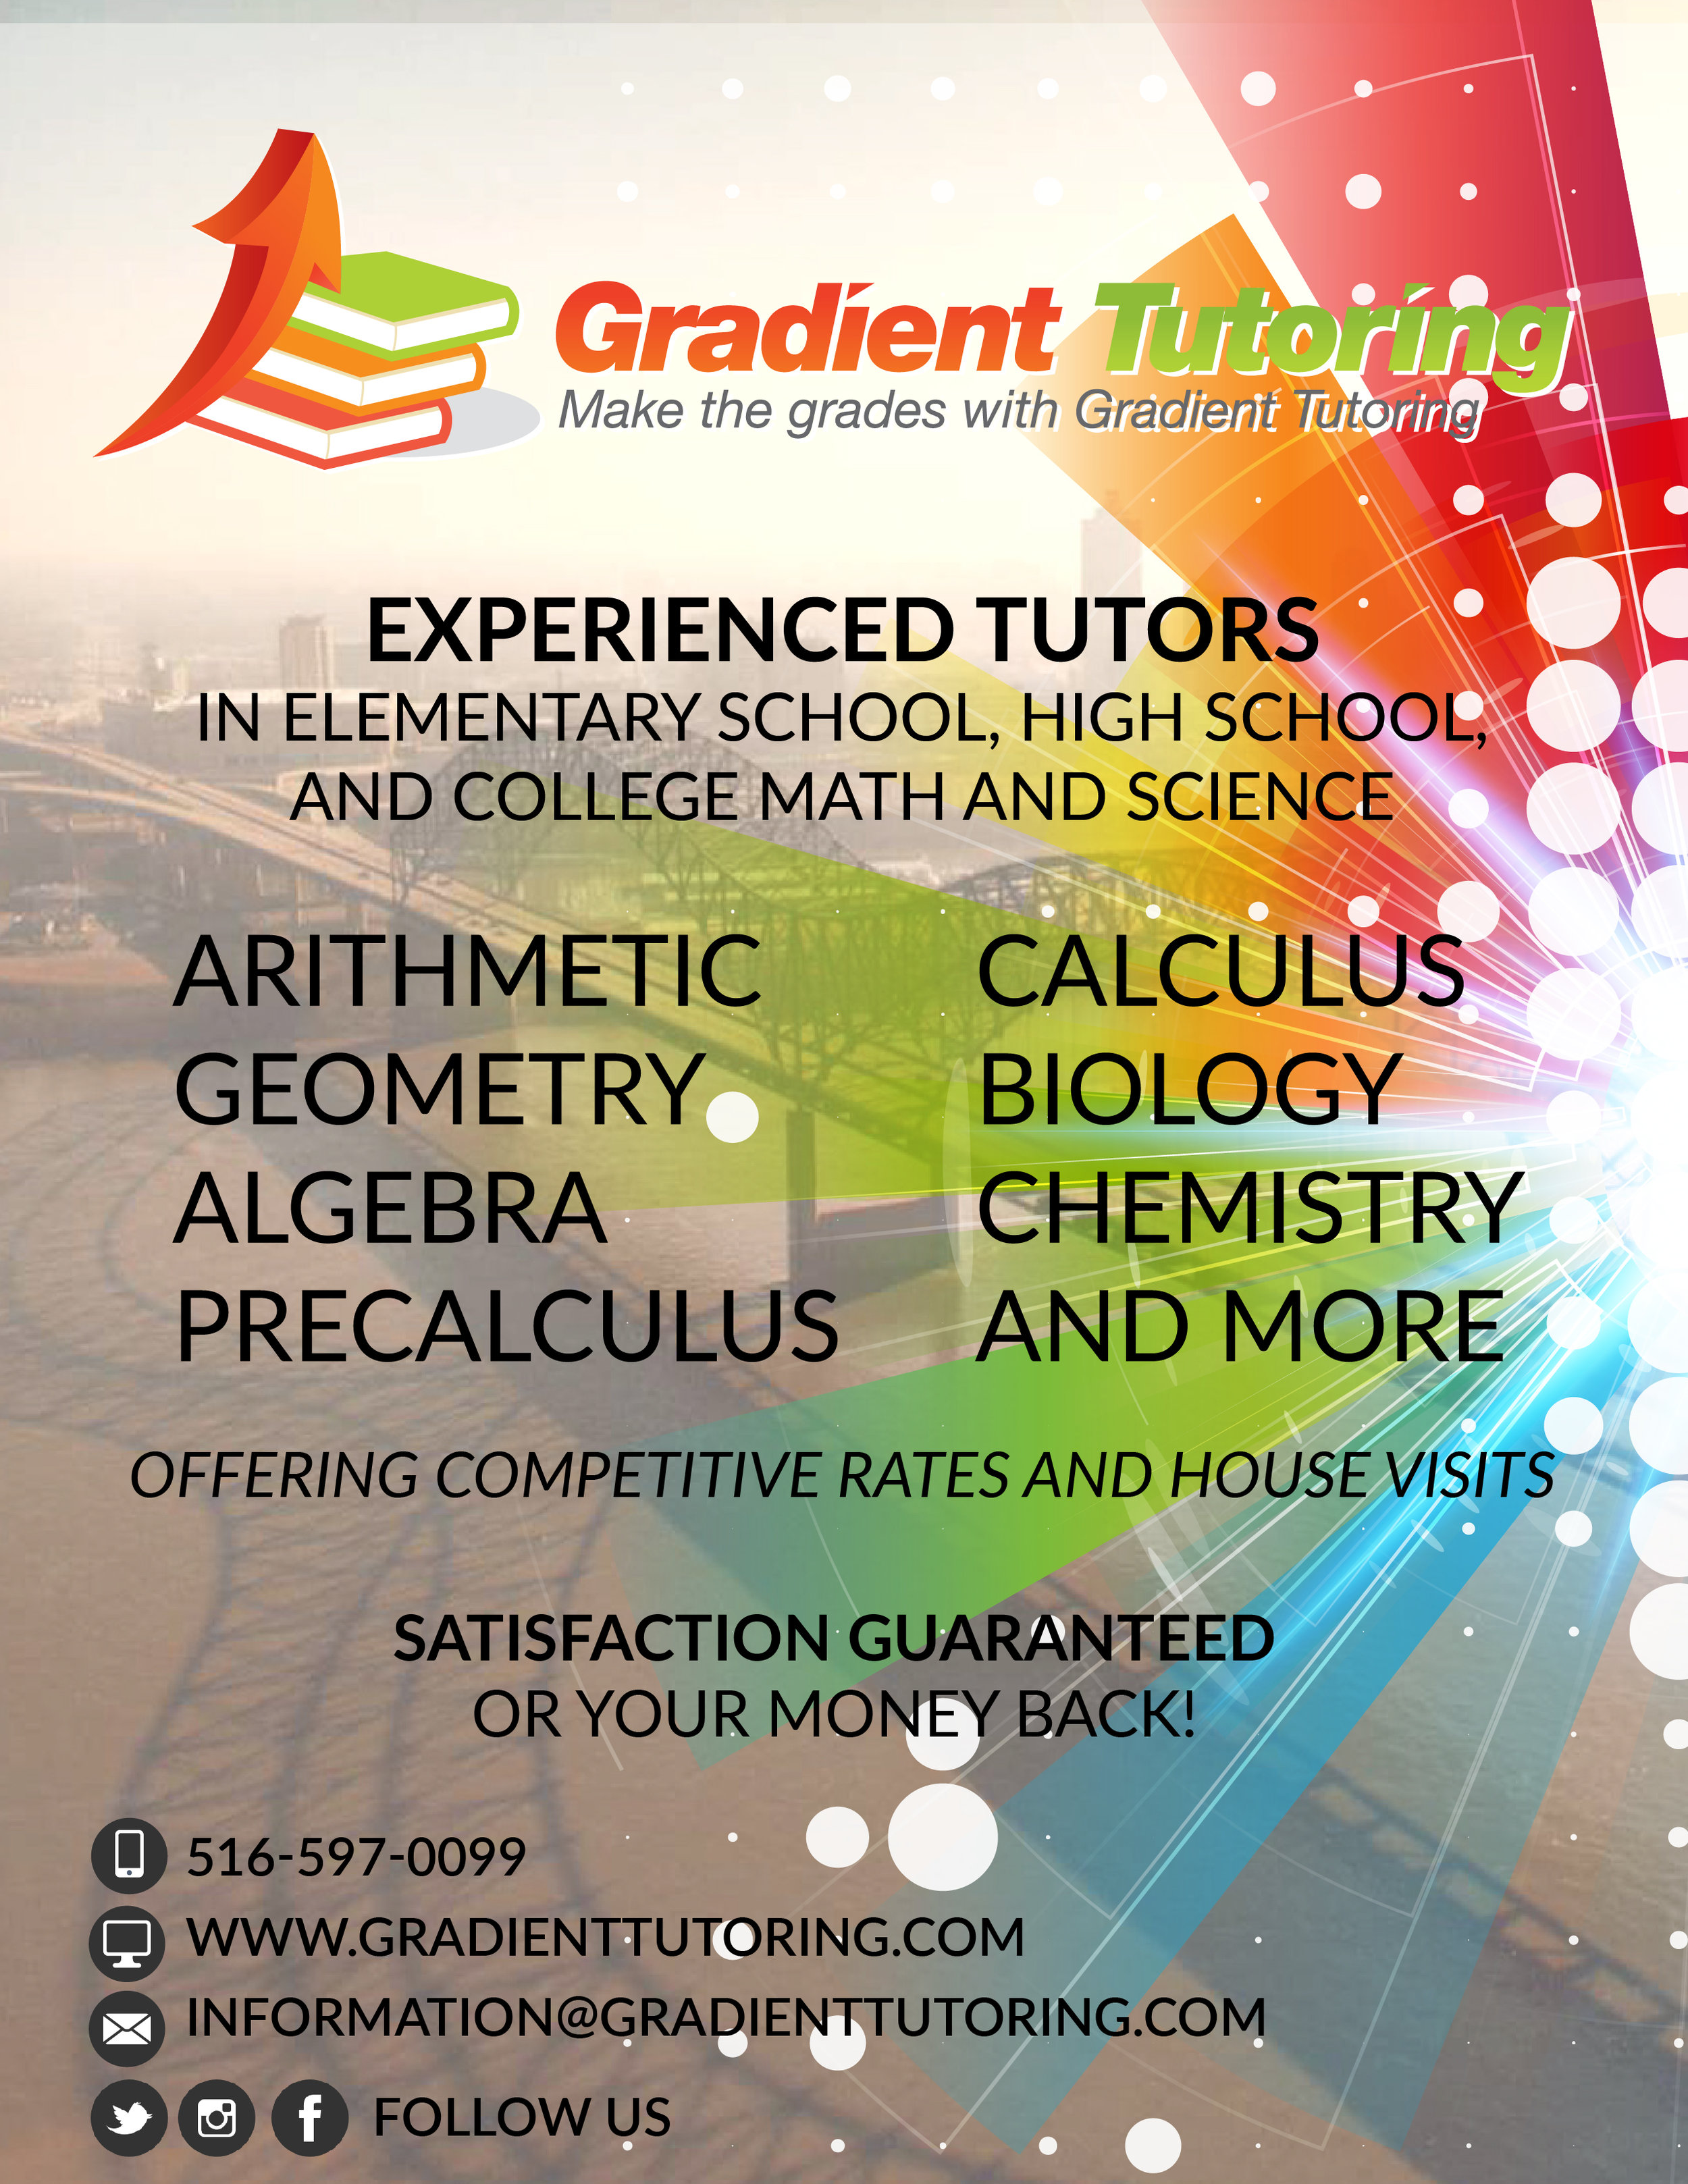 Gradient Tutoring - Tutoring Poster